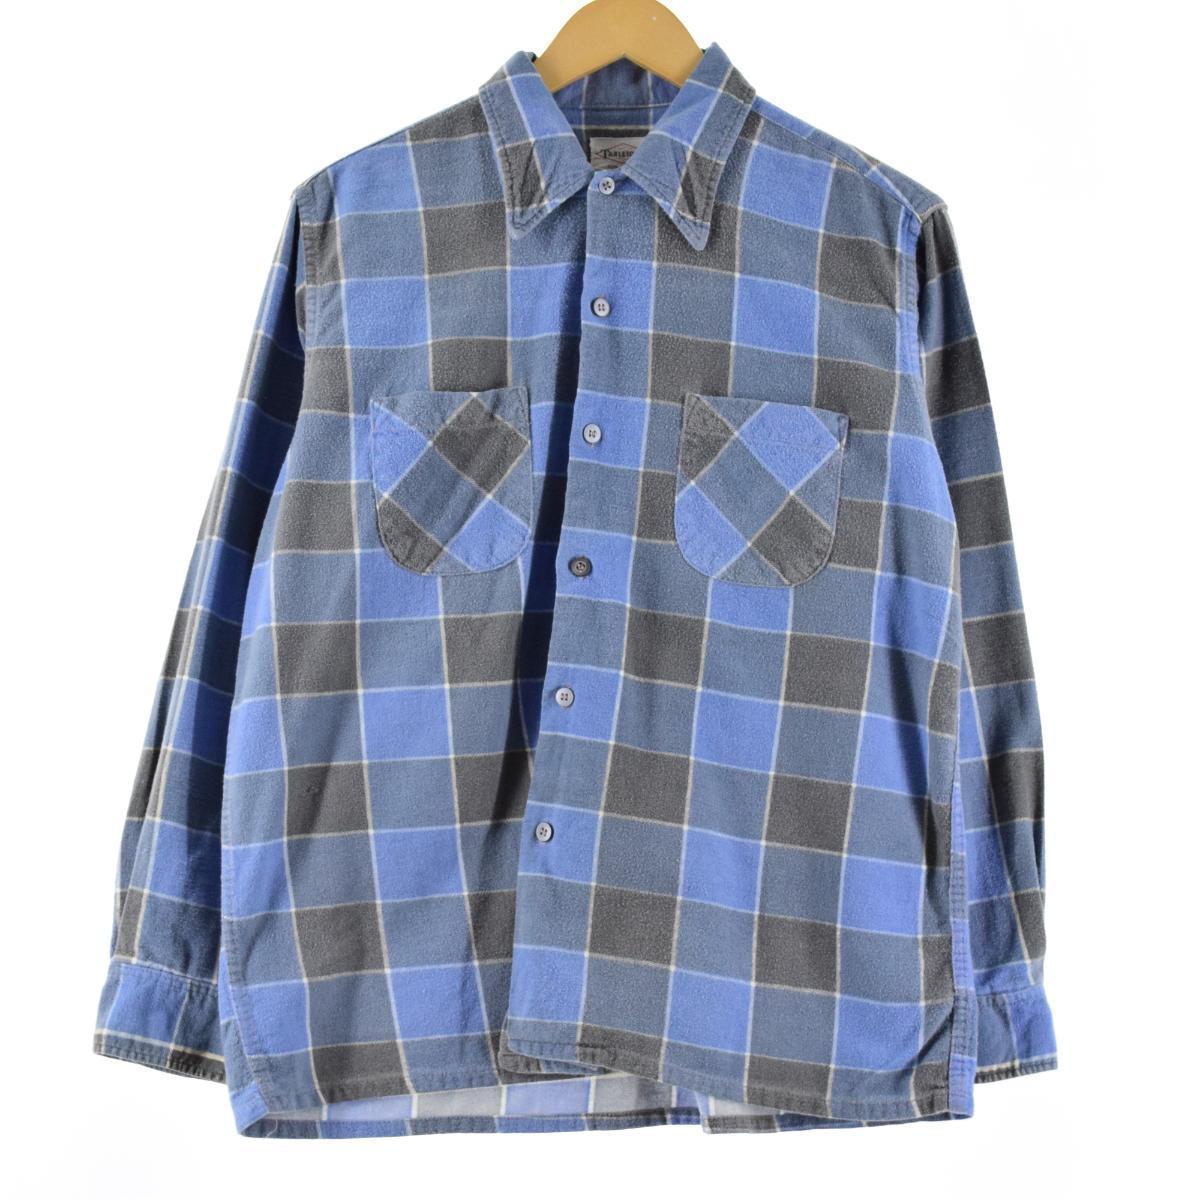 60年代 TARLETON チェック柄 長袖 プリントネル ボックスシャツ